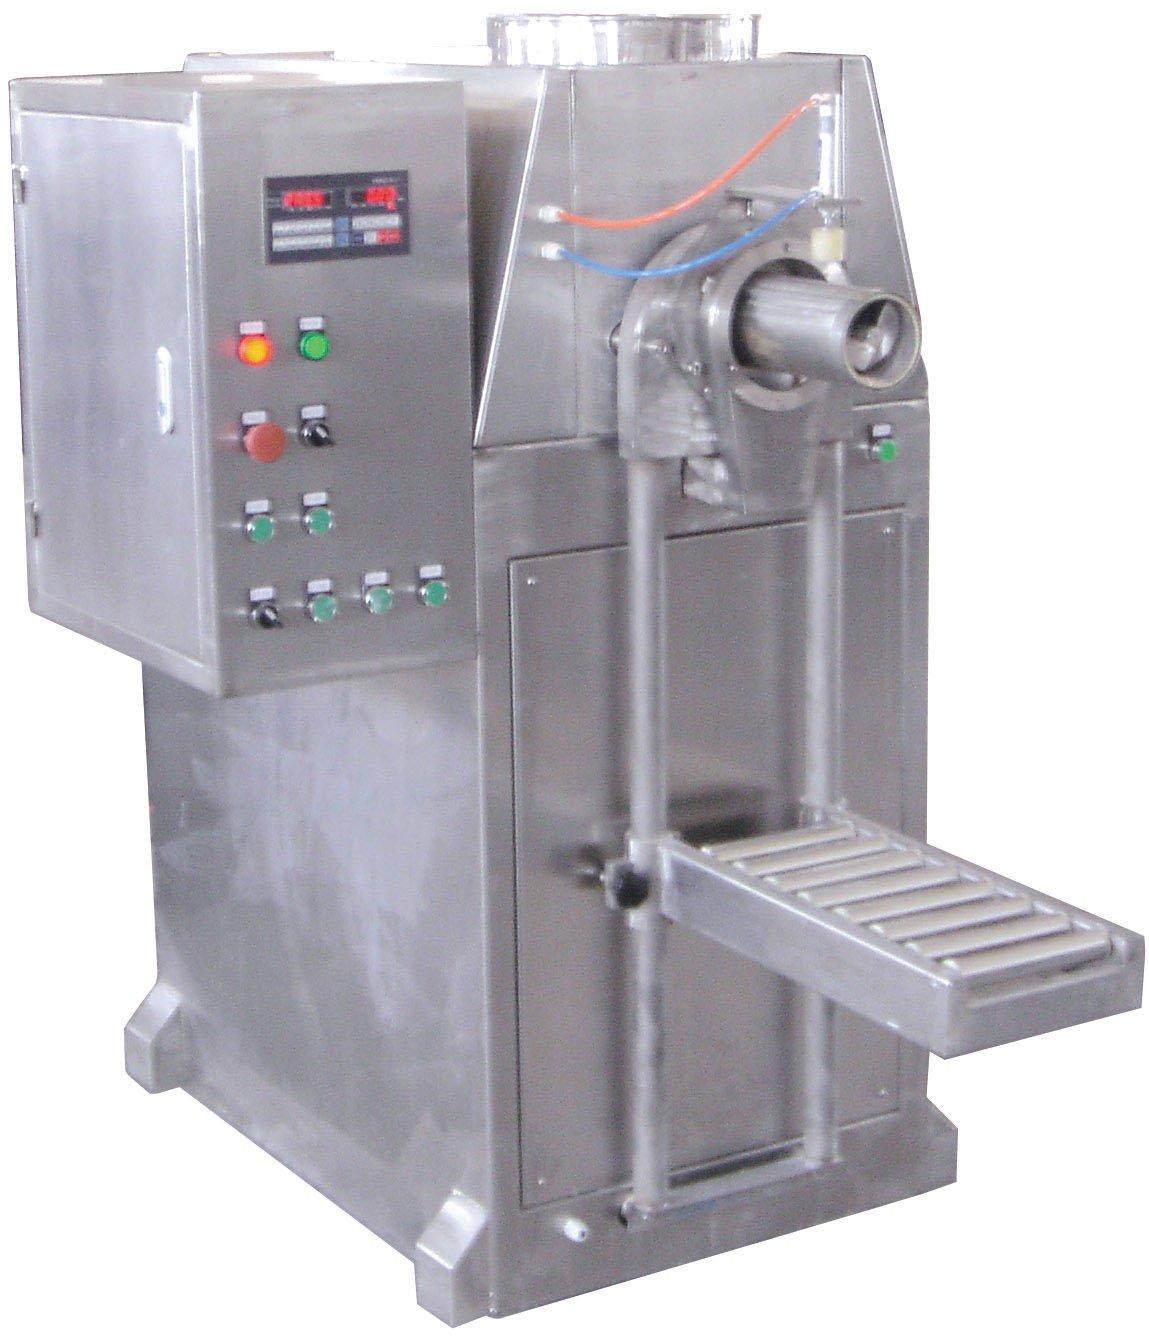 粉体包装设备-dcs-50型阀口袋定量包装机图片